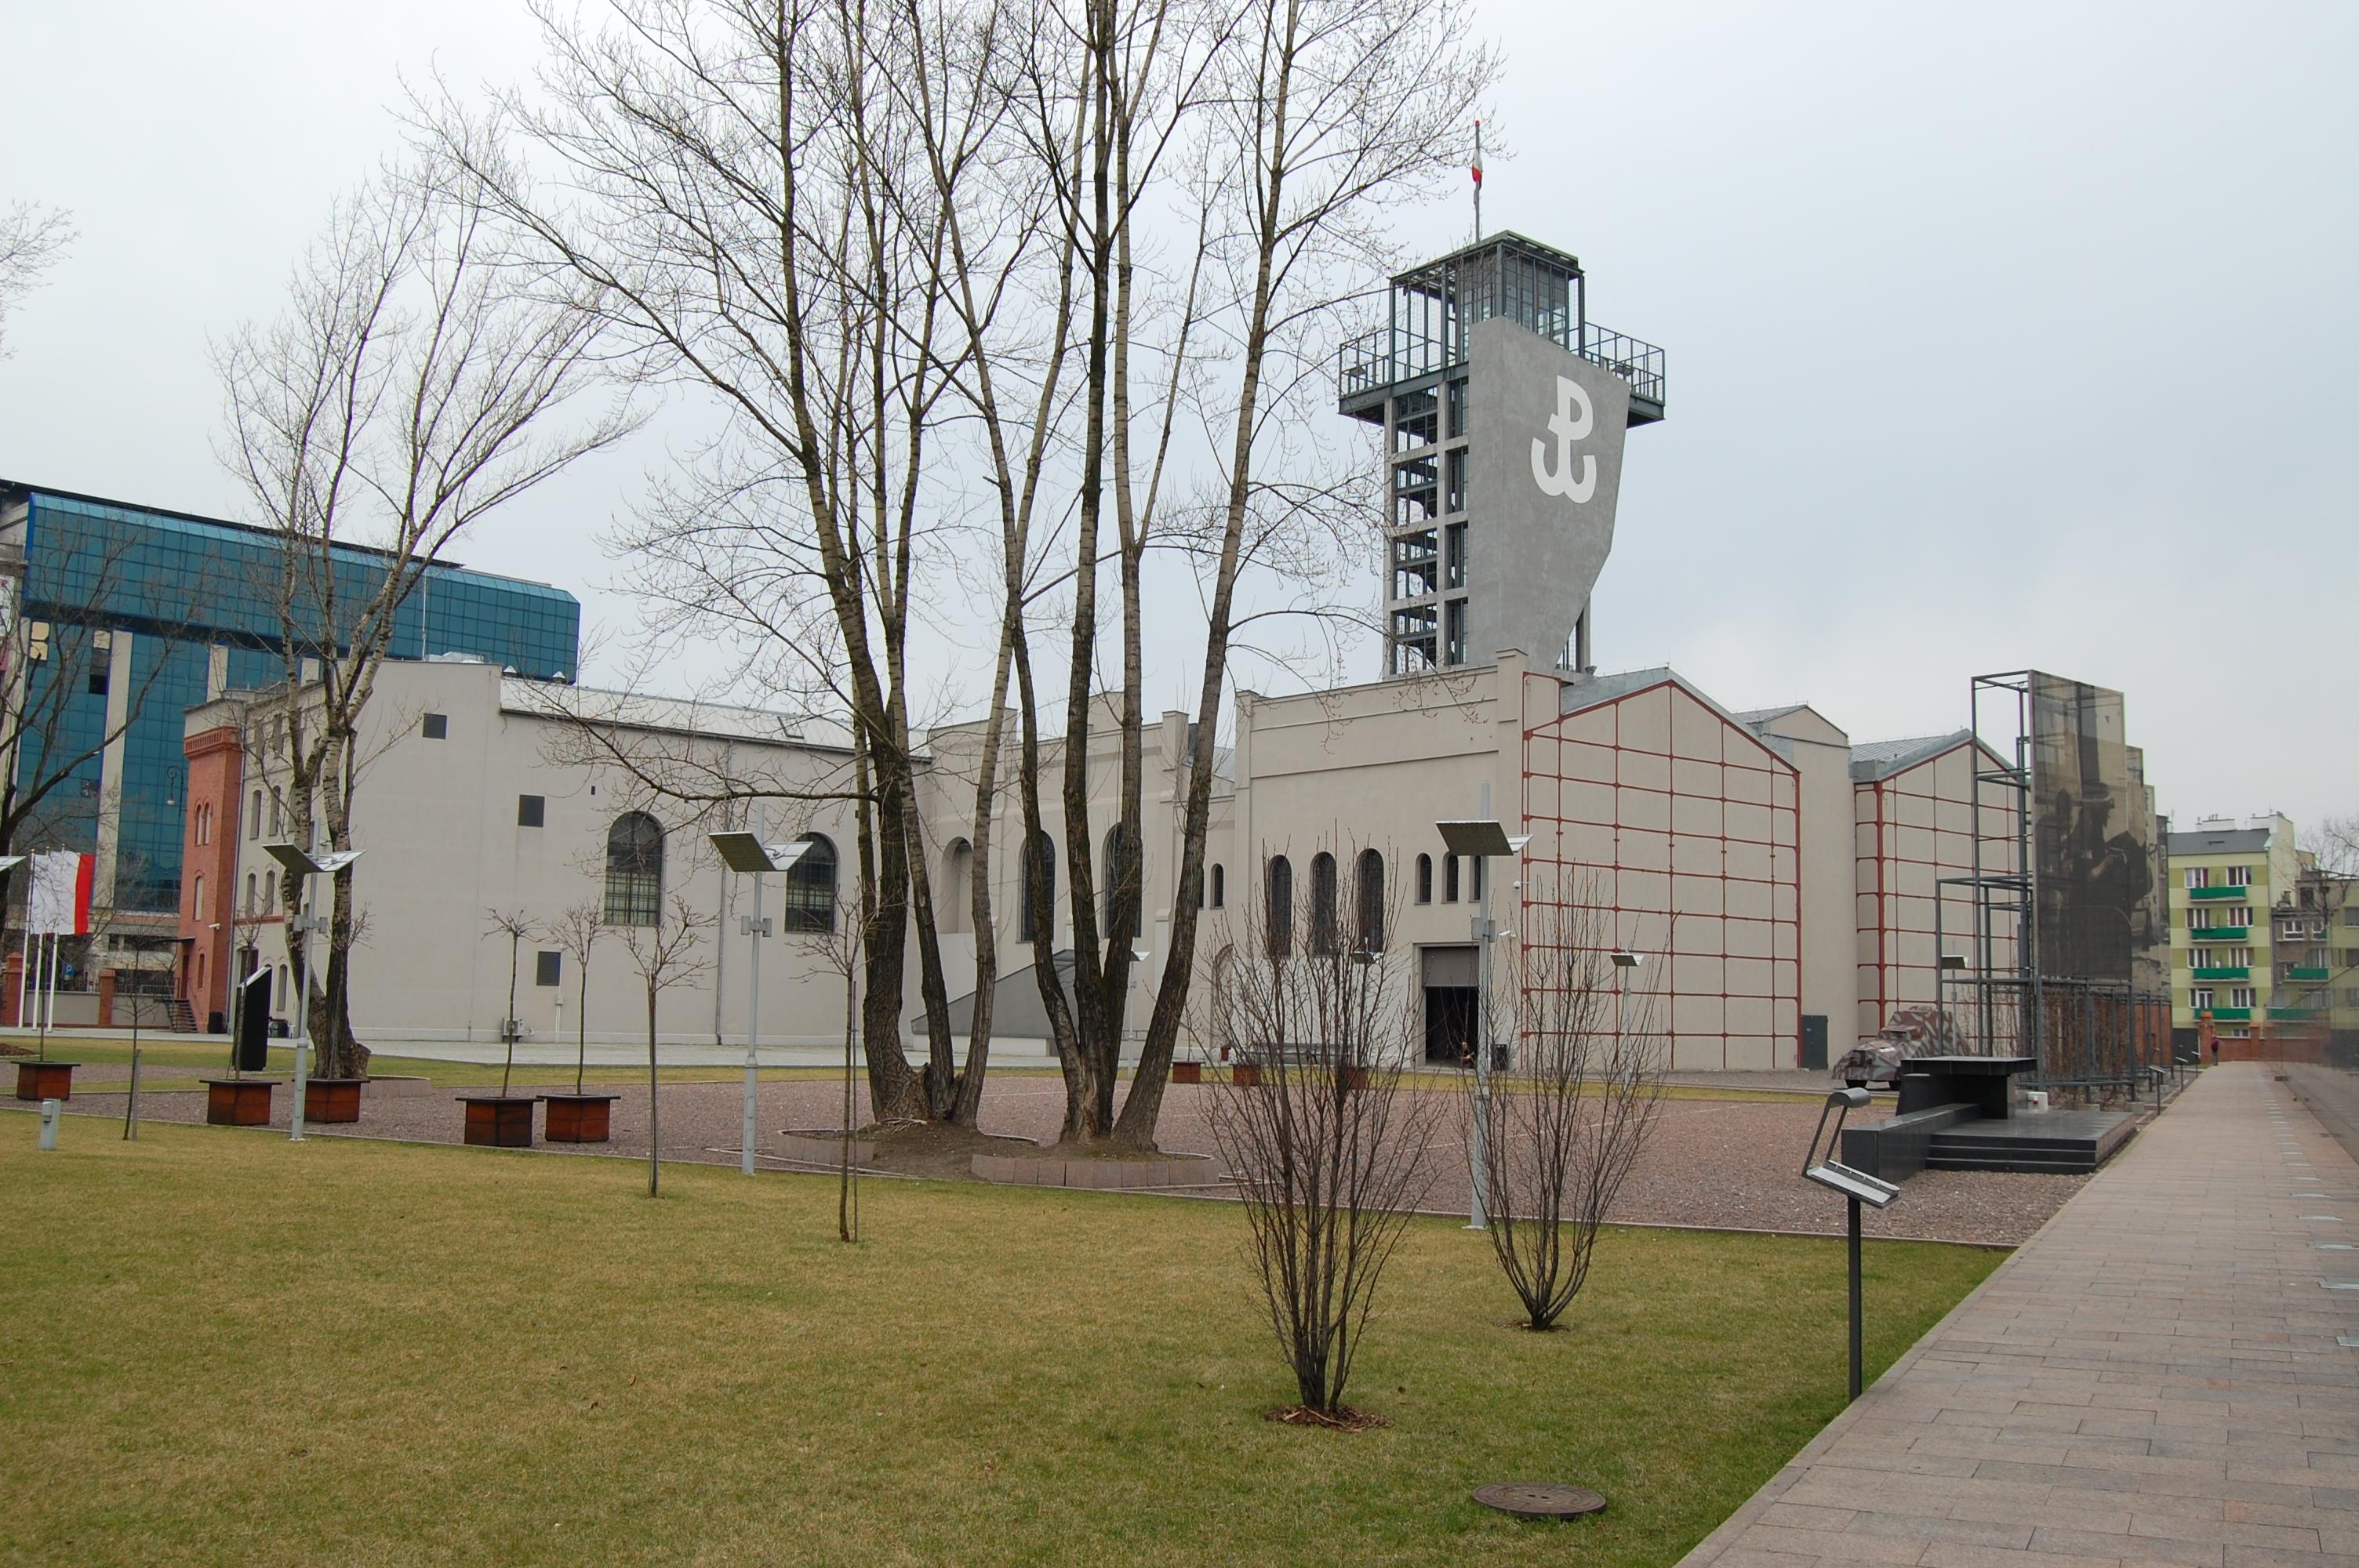 Budynek Muzeum Powstania Warszawskiego fot. sfu (cc) commons.wikimedia.org